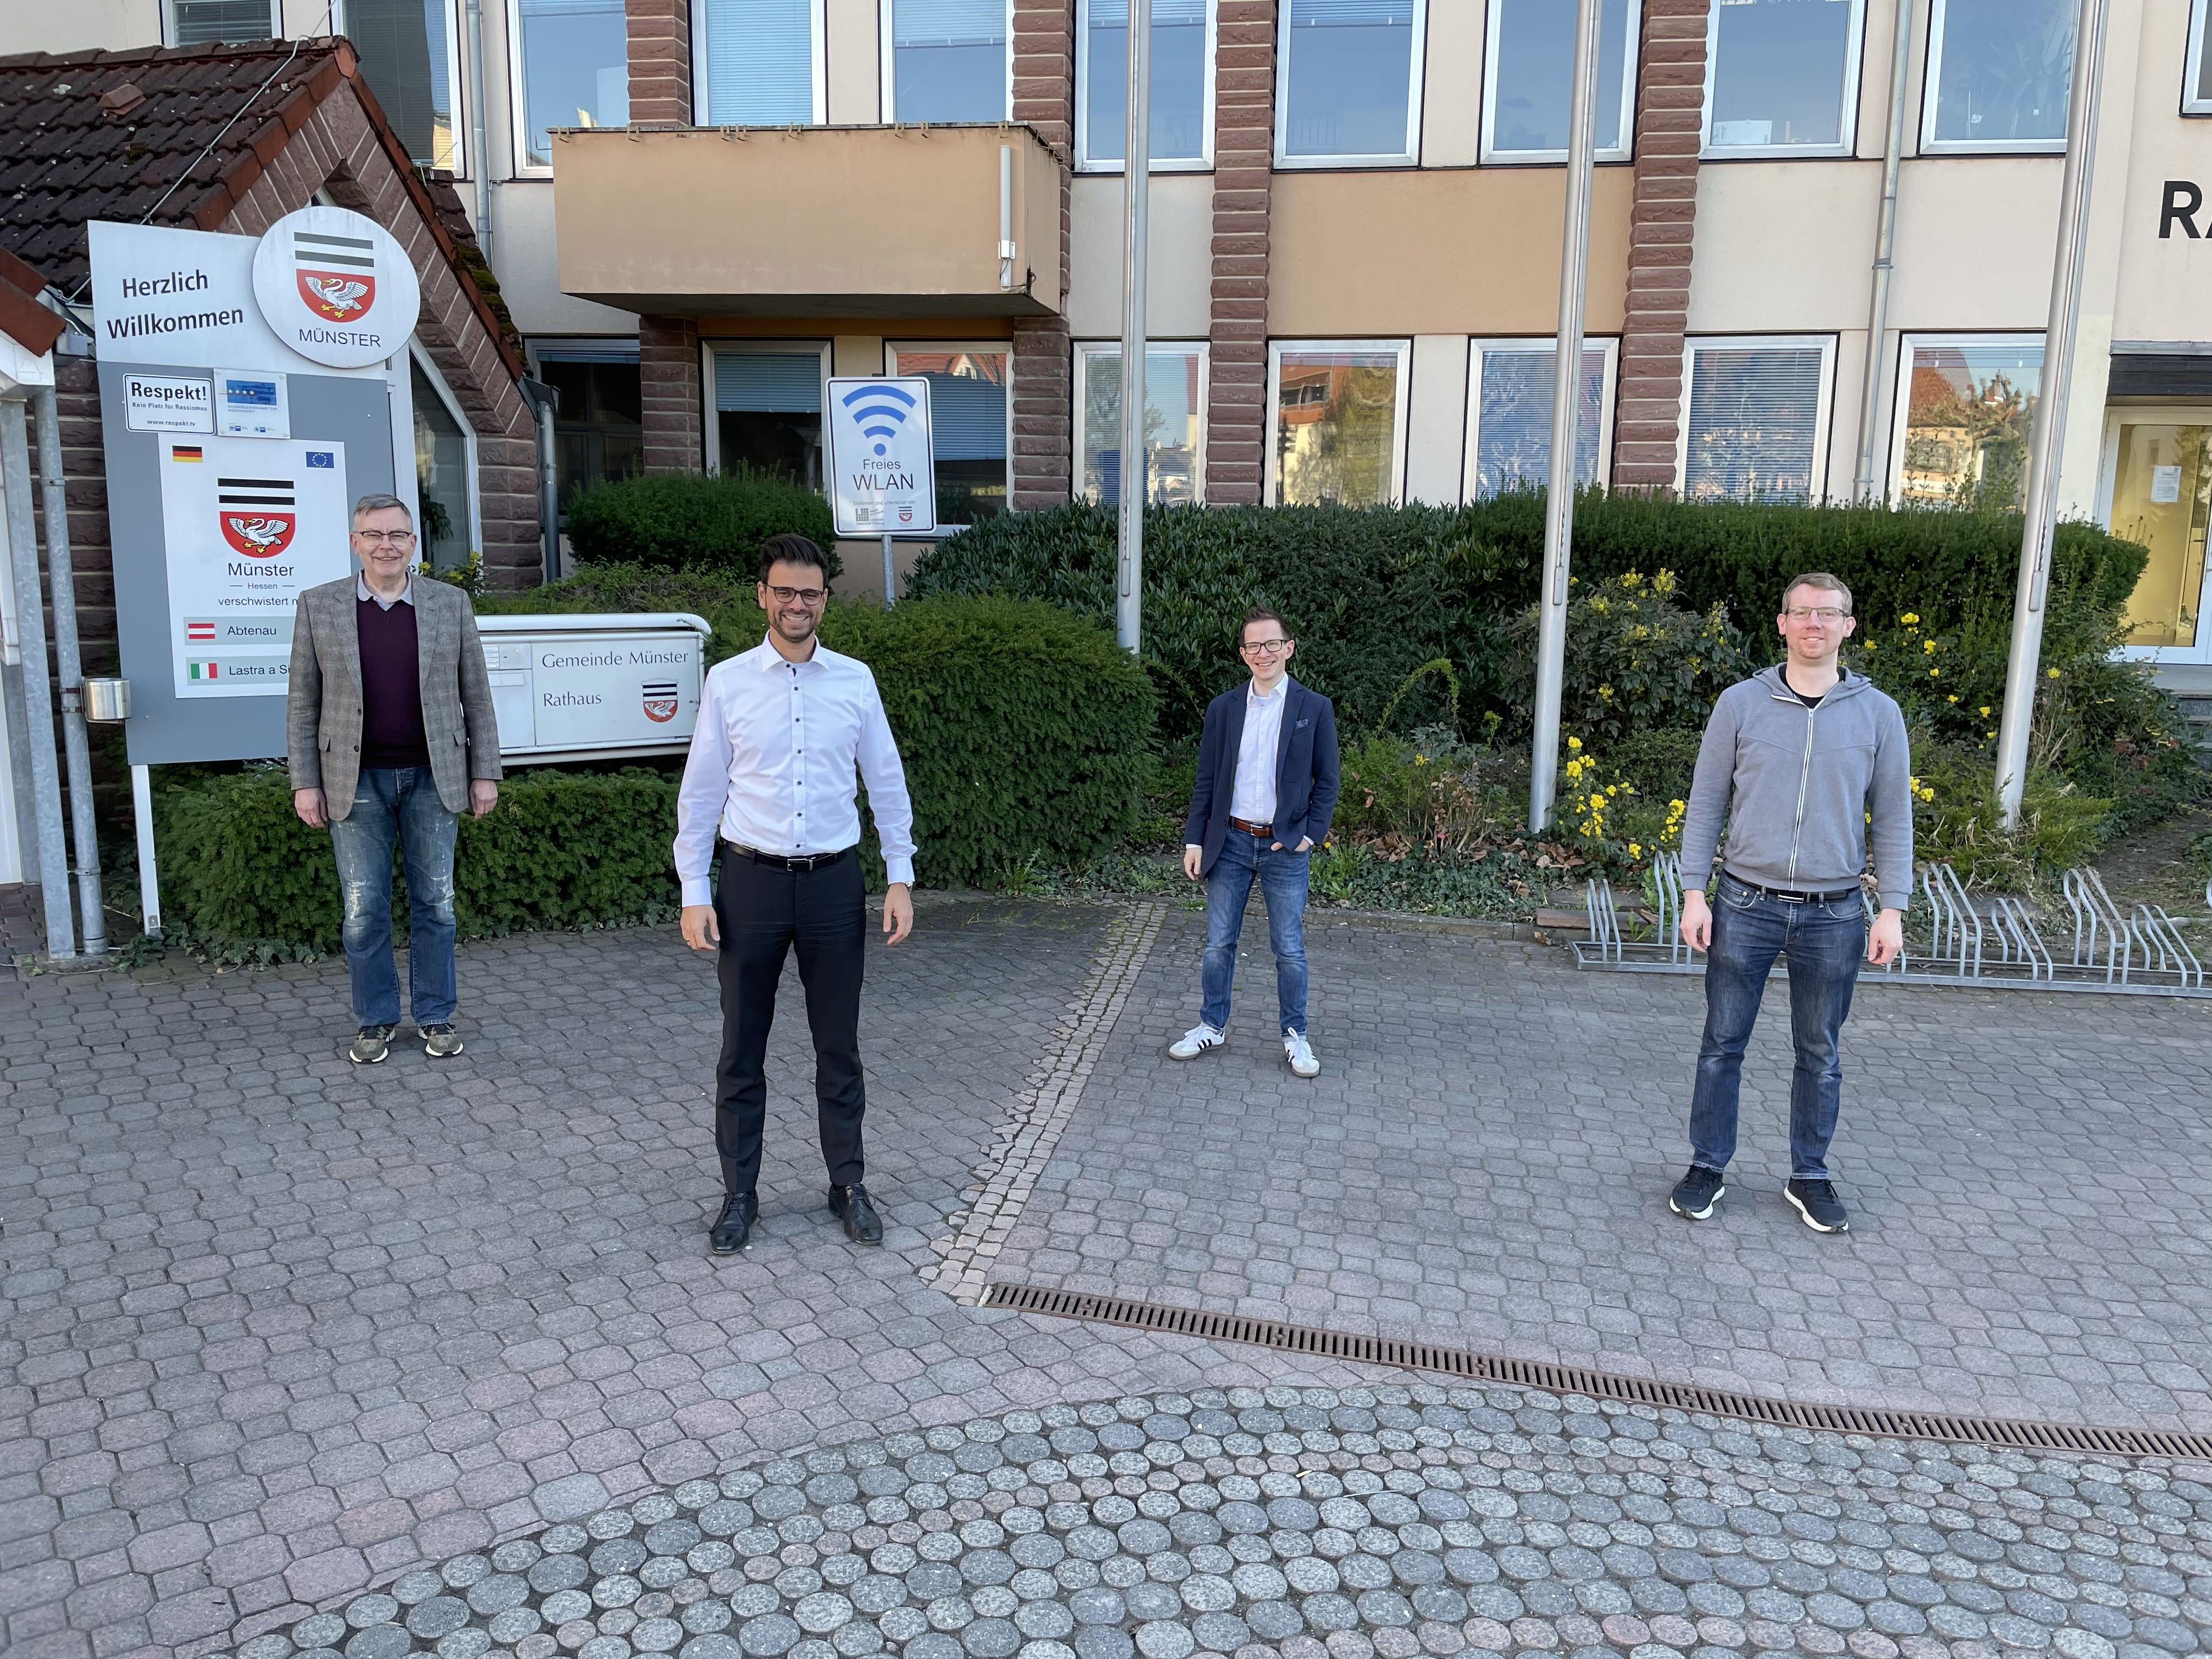 Auf dem Foto v. l. n. r.: Jörg Schroeter (FDP), Thorsten Schrod (CDU), Arne Mundelius (FDP), Marcus Milligan (CDU)